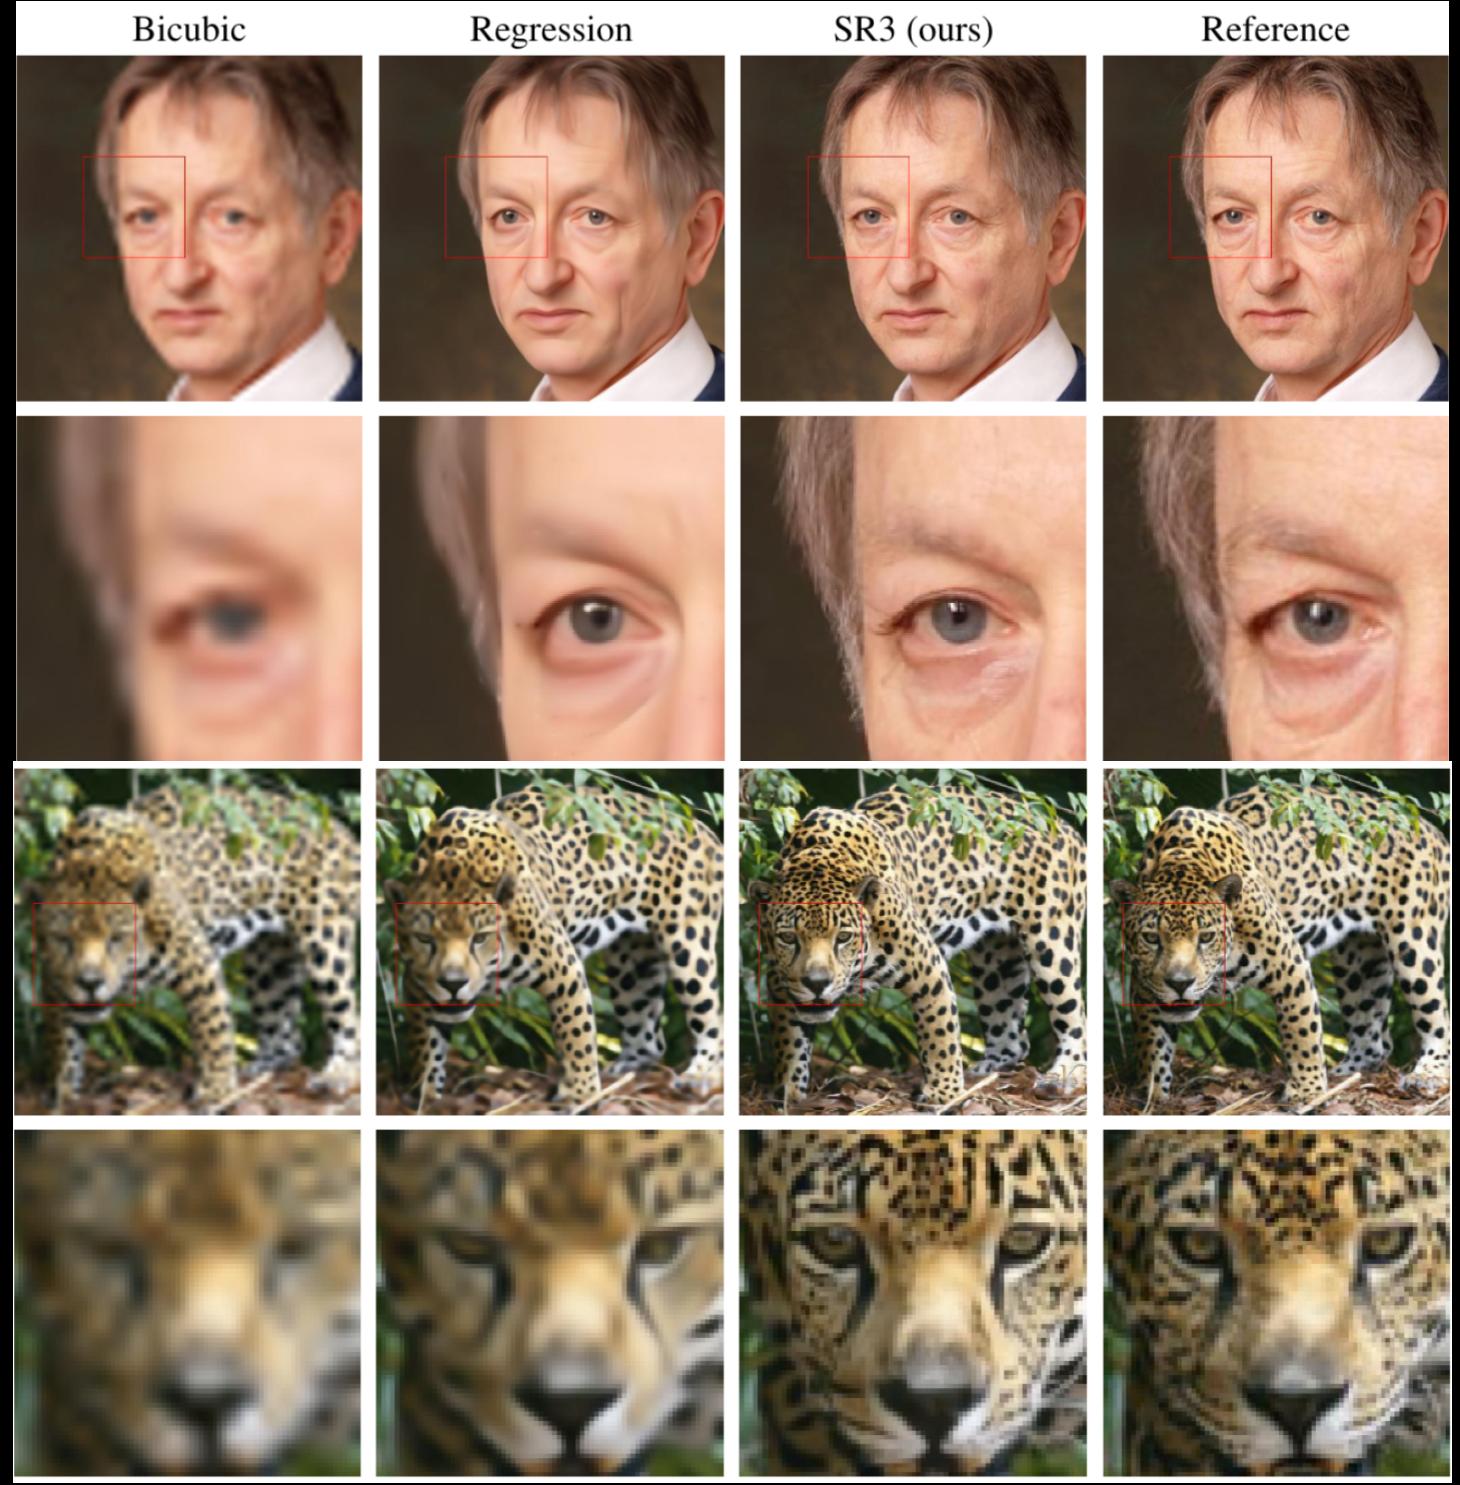 El nuevo enfoque de Google para la superresolución de imágenes